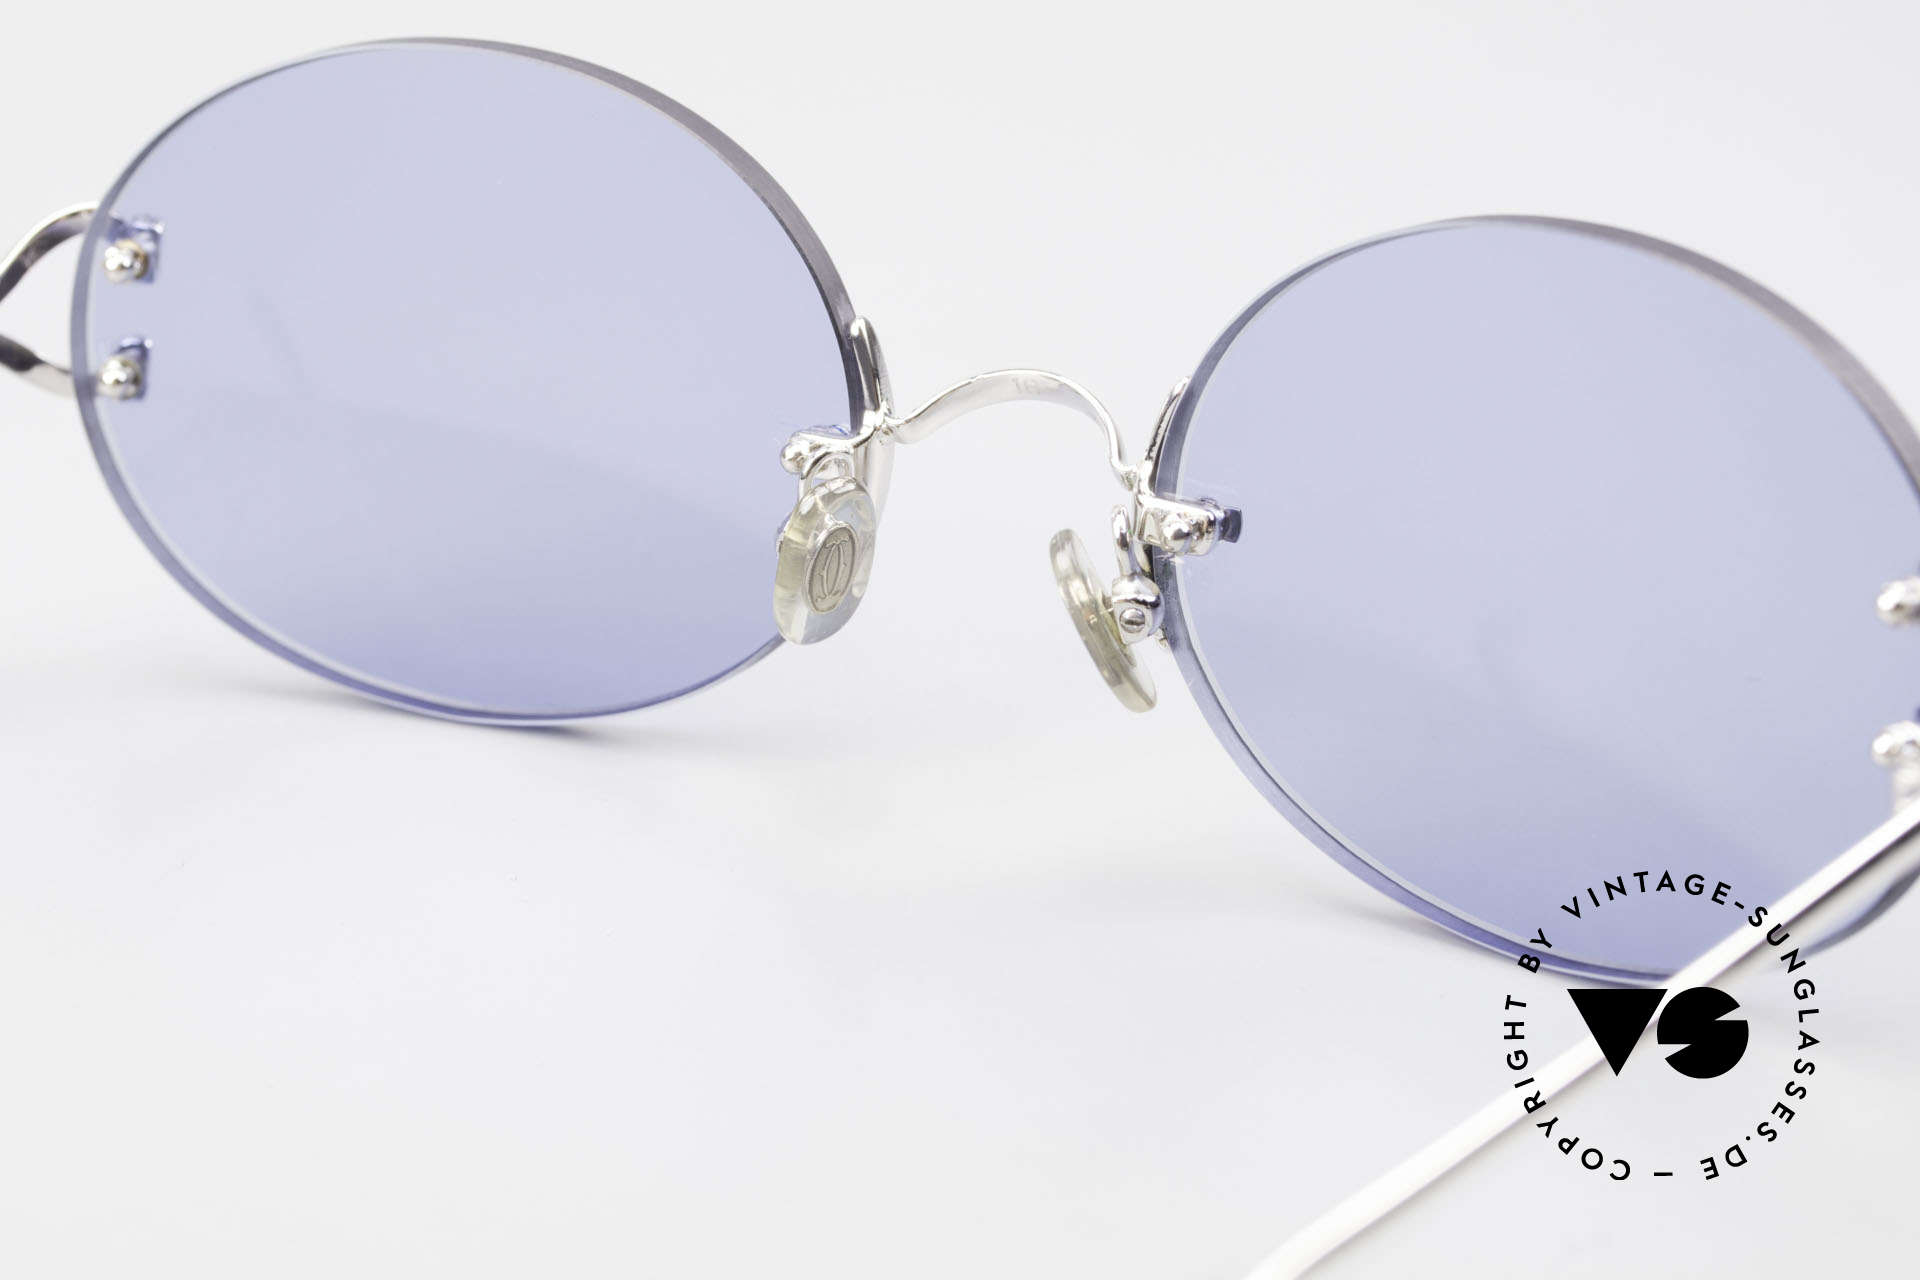 Cartier Rimless Giverny Ovale Randlose Luxusbrille, neue CR39 Gläser in blau-solid; für 100% UV Schutz, Passend für Herren und Damen